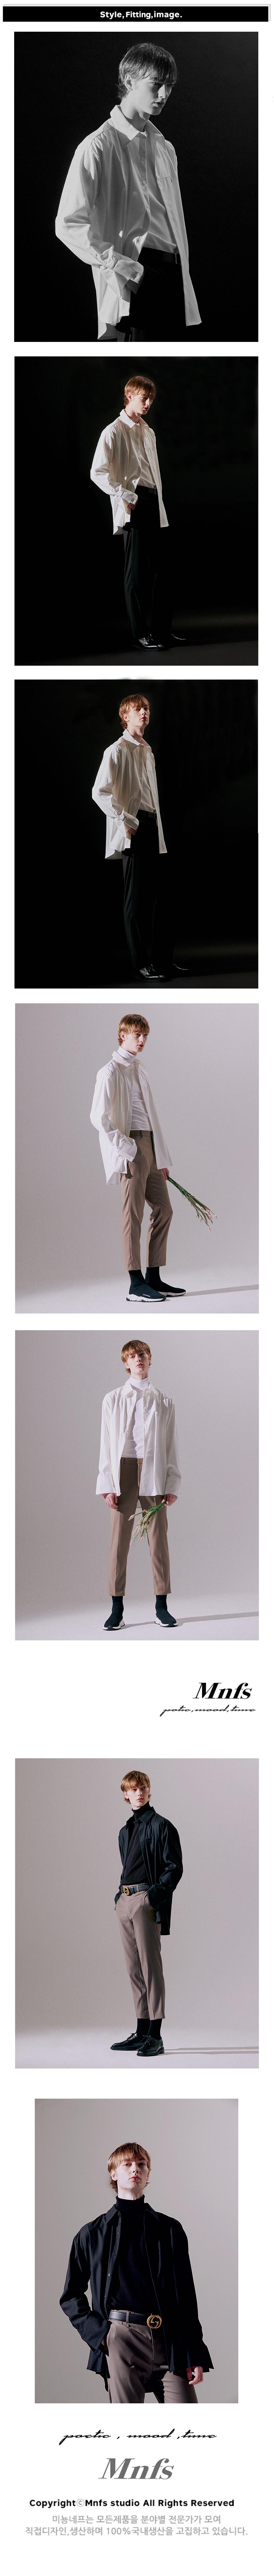 미뇽네프(MIGNONNEUF) MNFS 레이어드 오버핏 셔츠 자켓 블랙